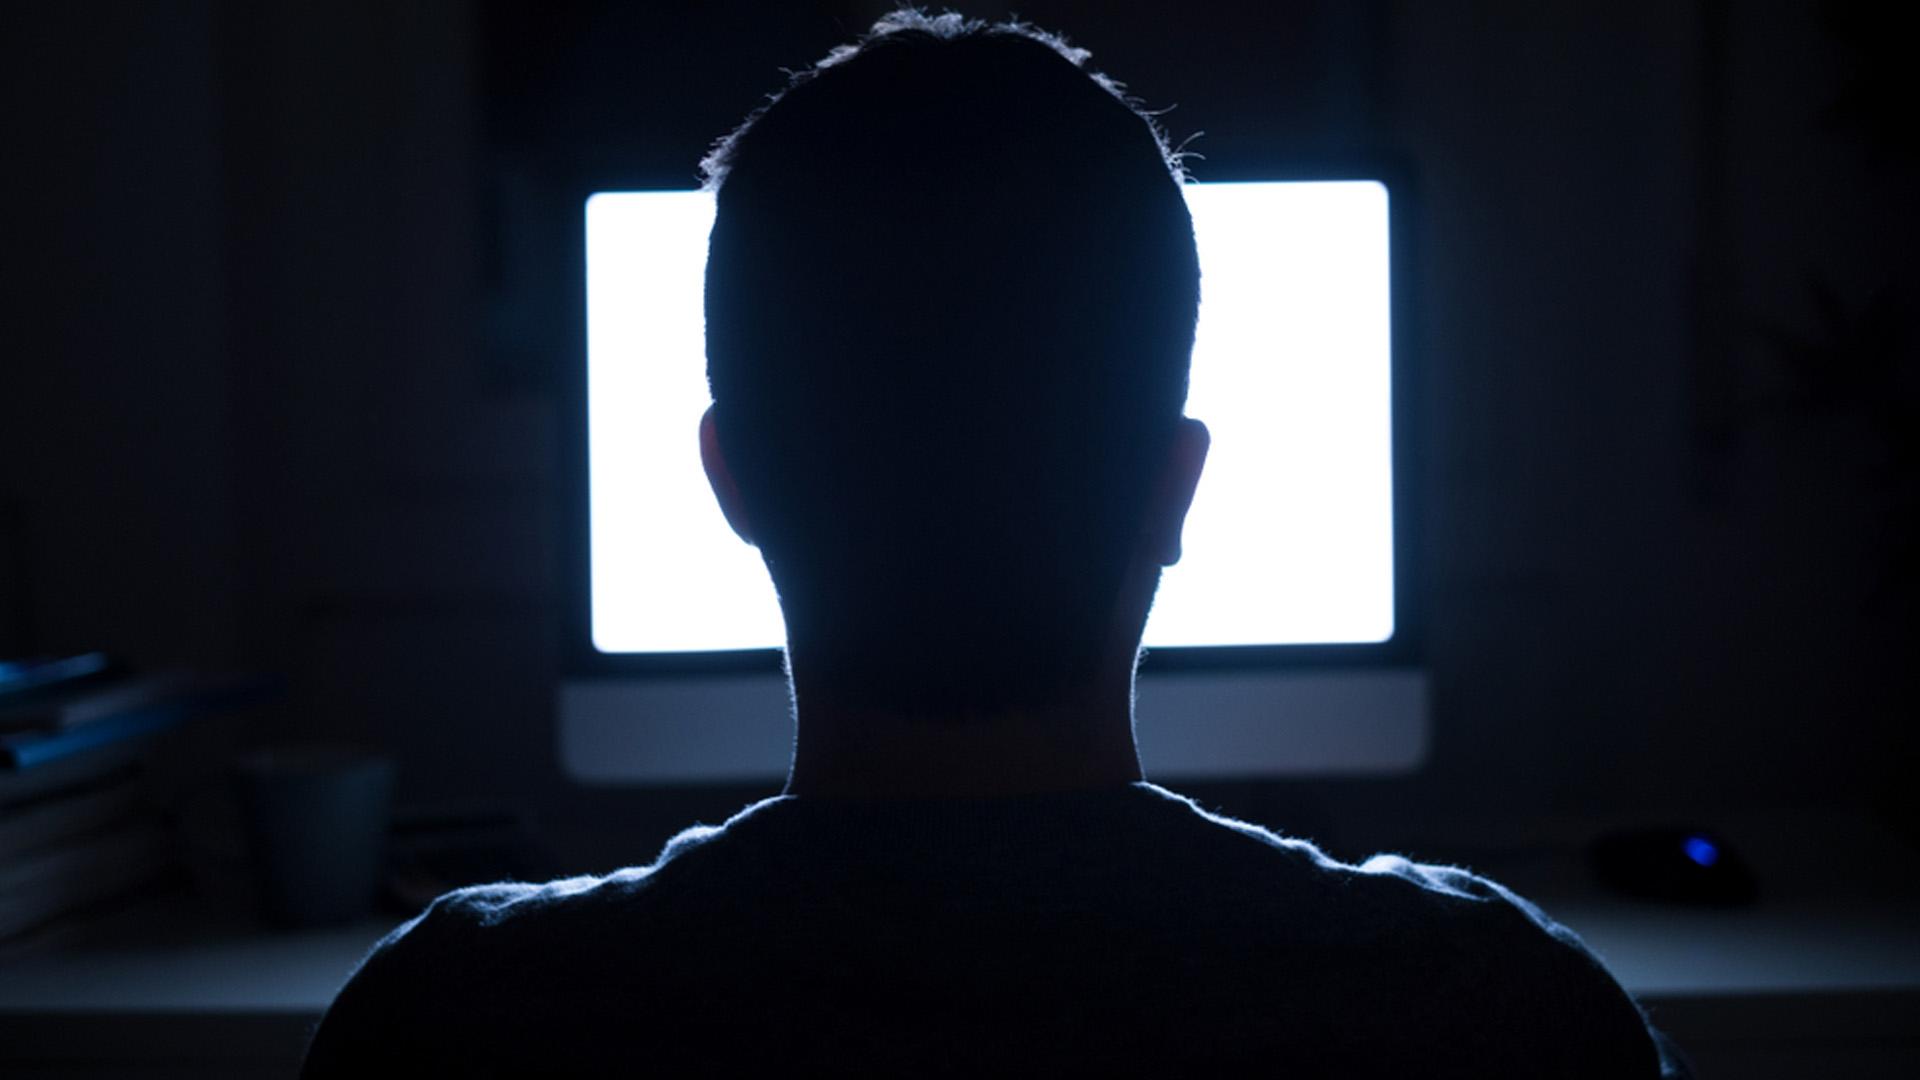 Раскрыта кибершпионская кампания хакерской группы RANCOR, направленная против фирм из Юго-Восточной Азии